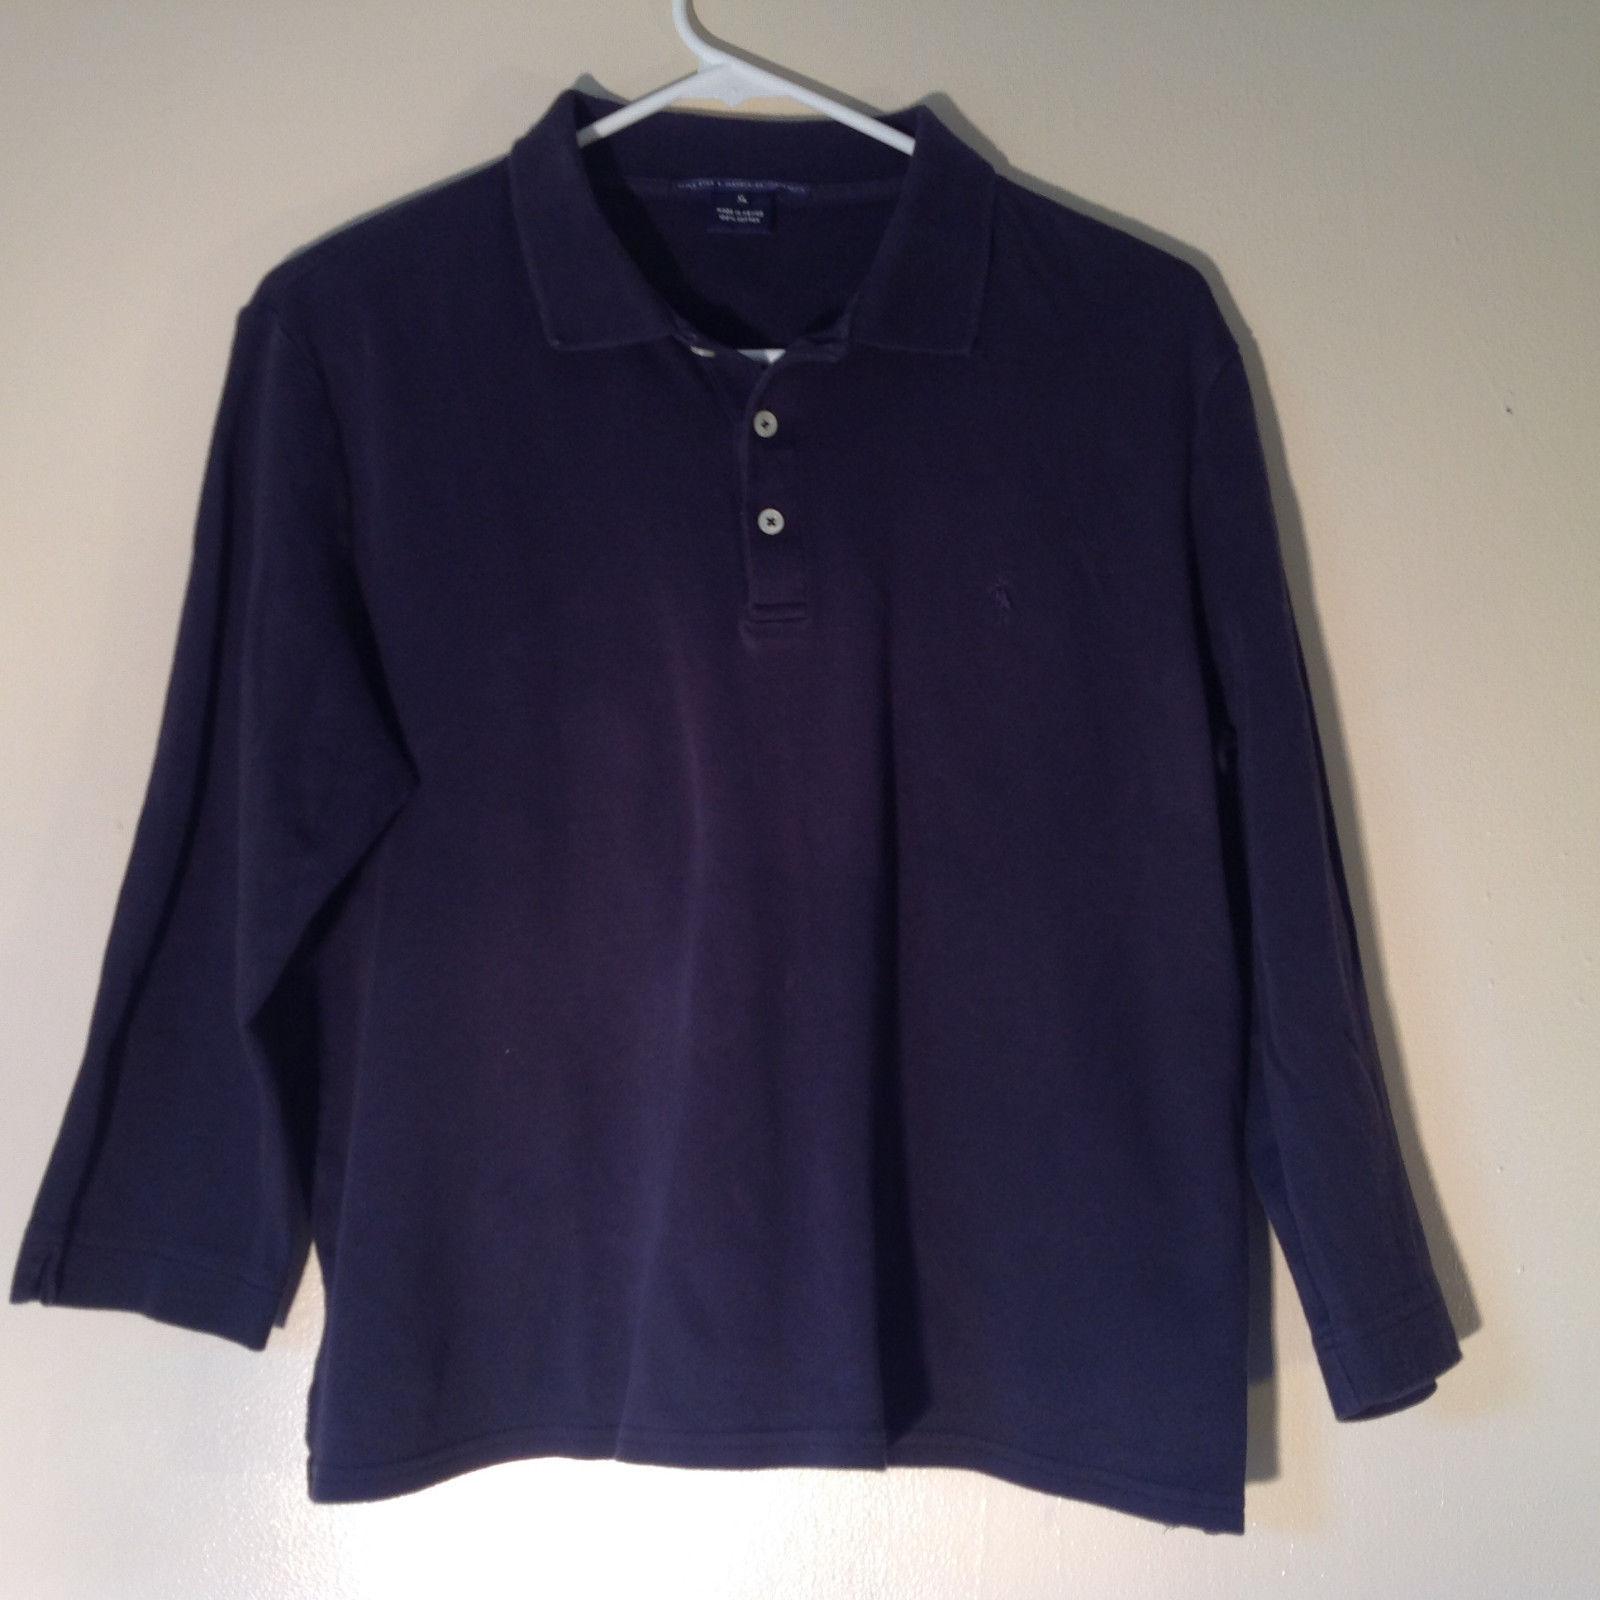 Dark Navy Blue Three Quarter Length Sleeves Collar Ralph Lauren Shirt Size XL